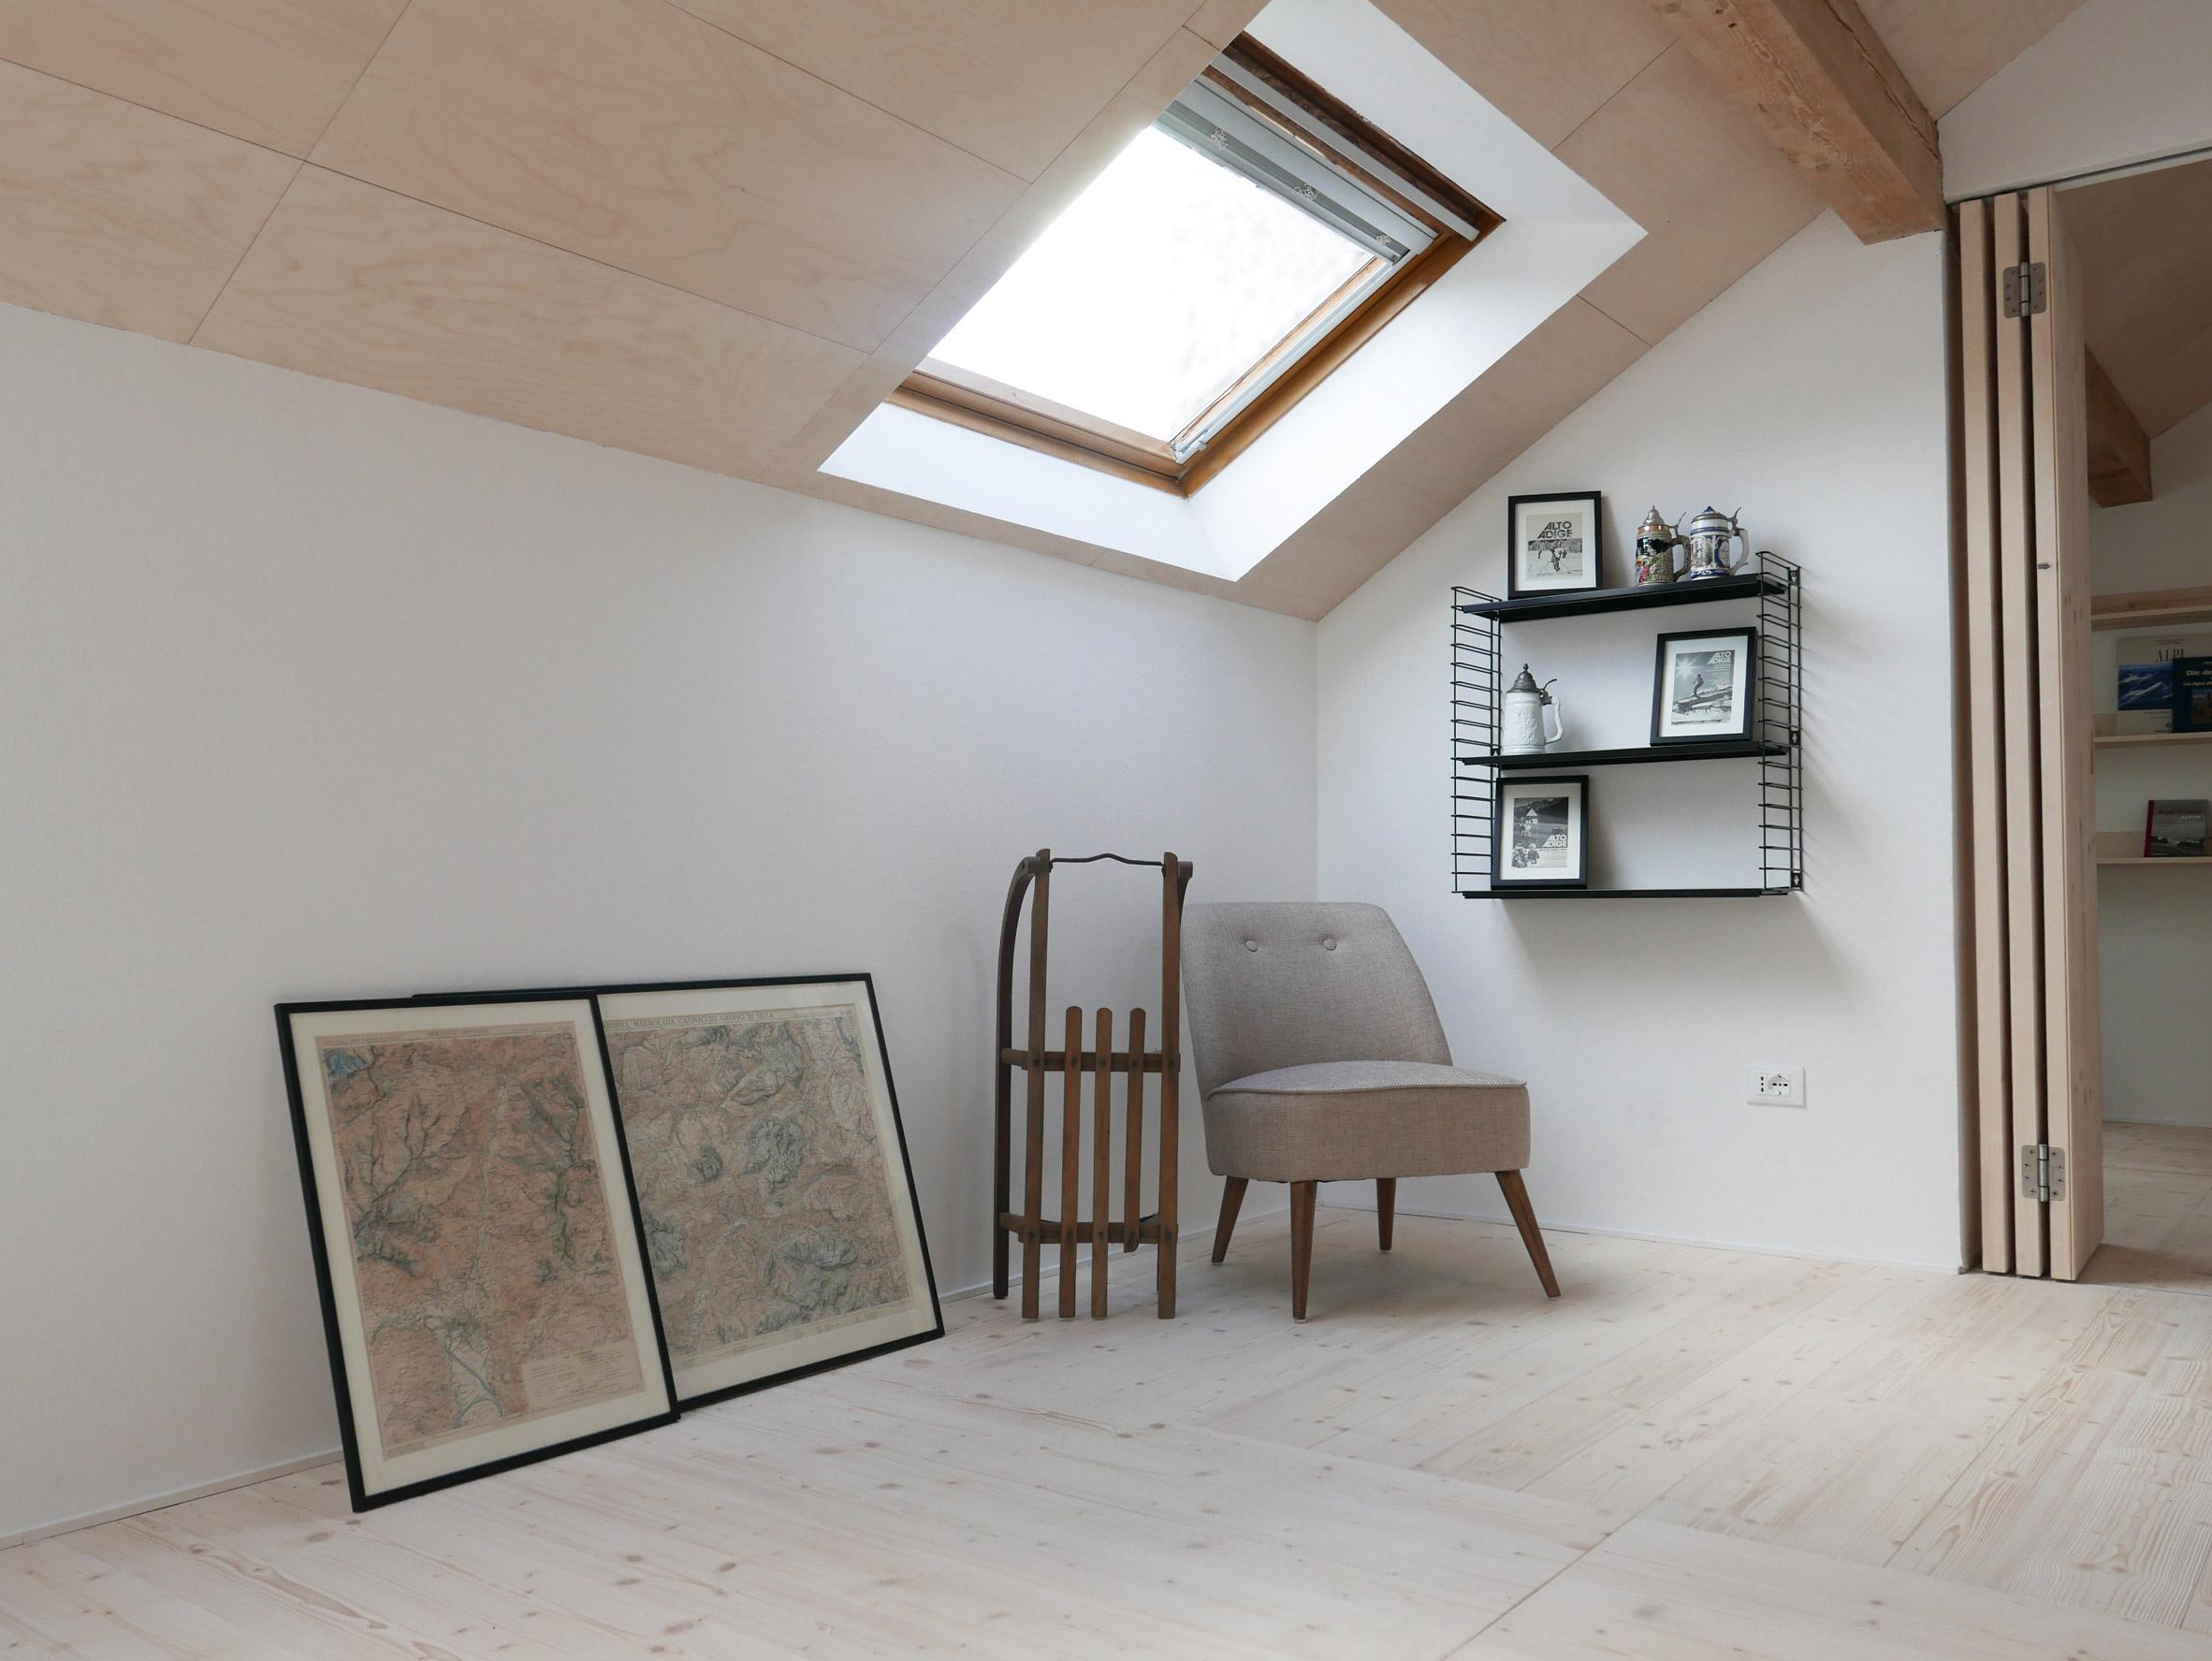 Studio Loft Apartment Jab Studio Creates Rustic Interior Design For Loft Apartment